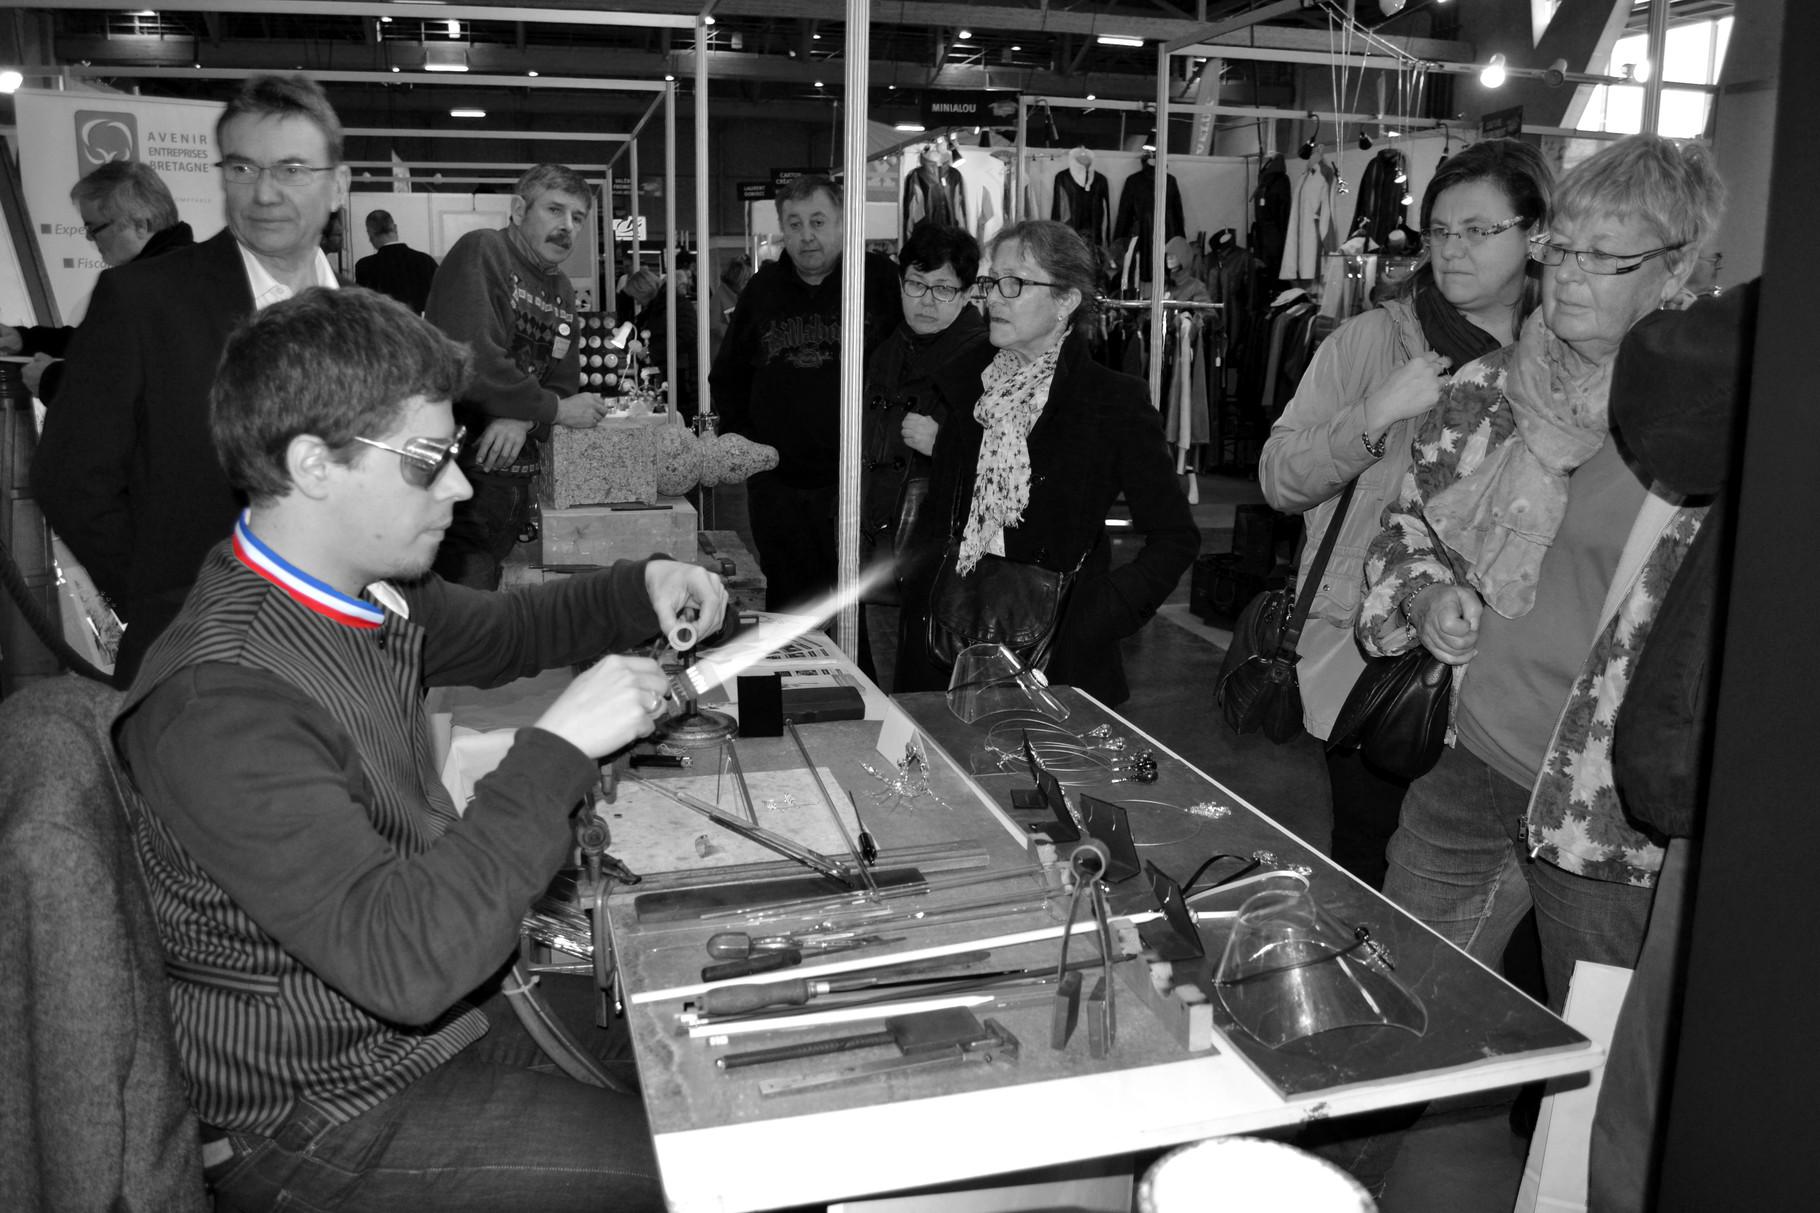 Sur le stand des Meilleurs Ouvriers de France à l'occasion du salon de l'artisanat à Quimper